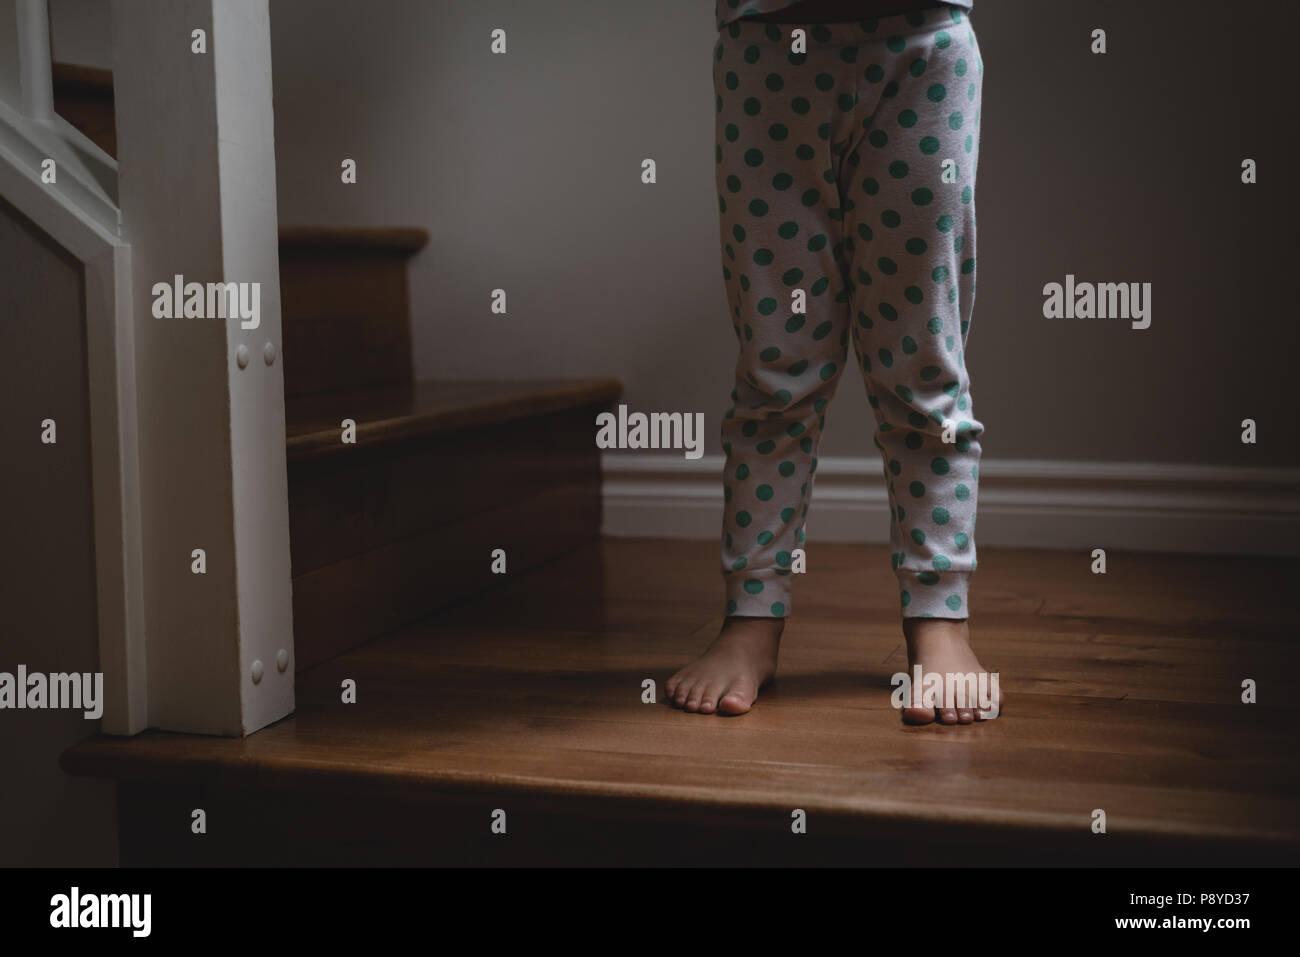 La partie inférieure de la Girl standing on stairs Photo Stock